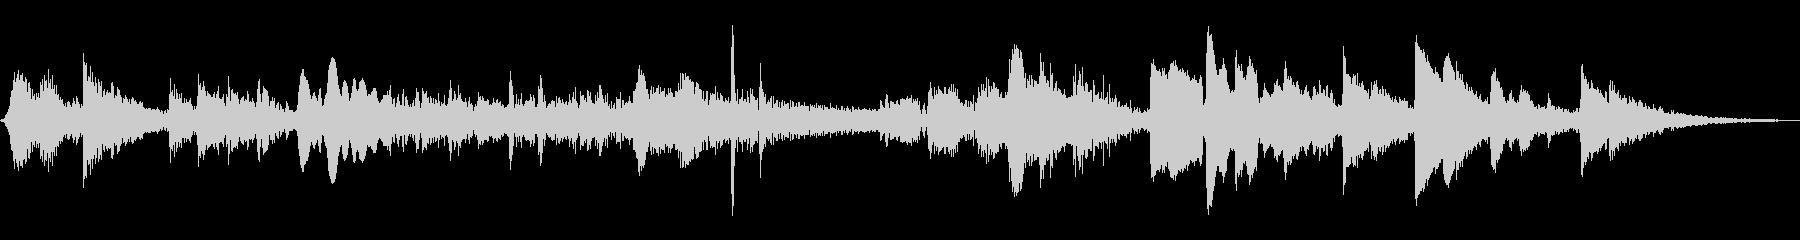 表現力豊かなスペイン語のギタータグ1の未再生の波形